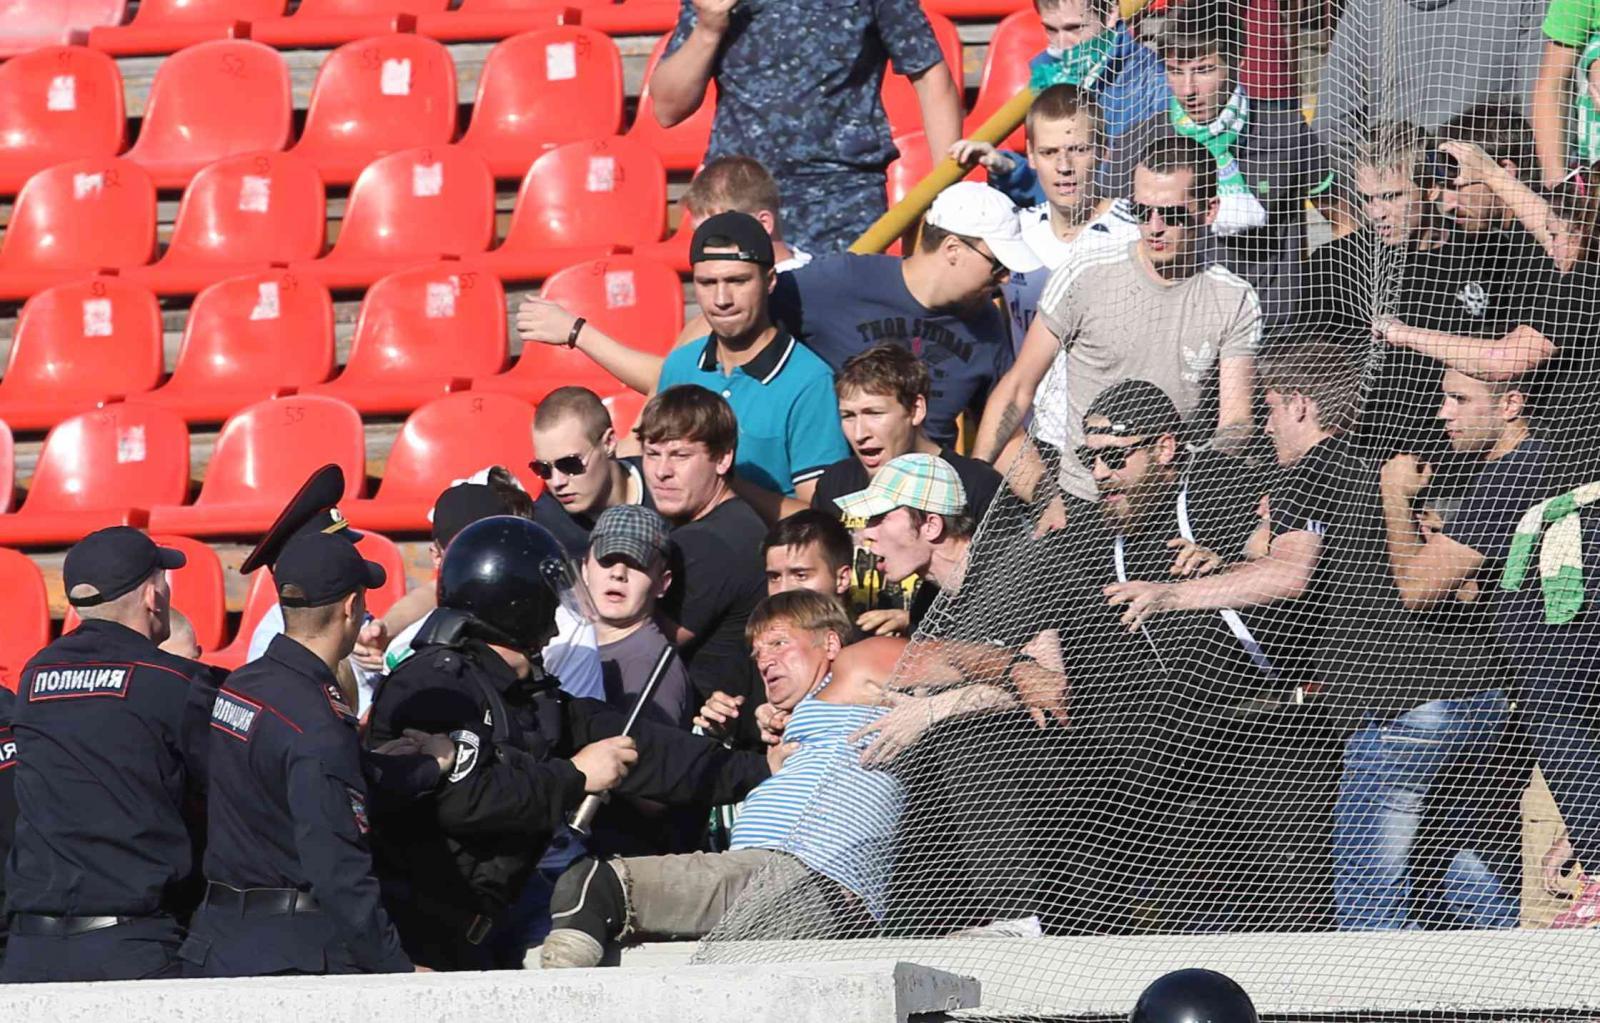 Наших бьют наМундиале: появилось видео побоища фаната с полицейскими